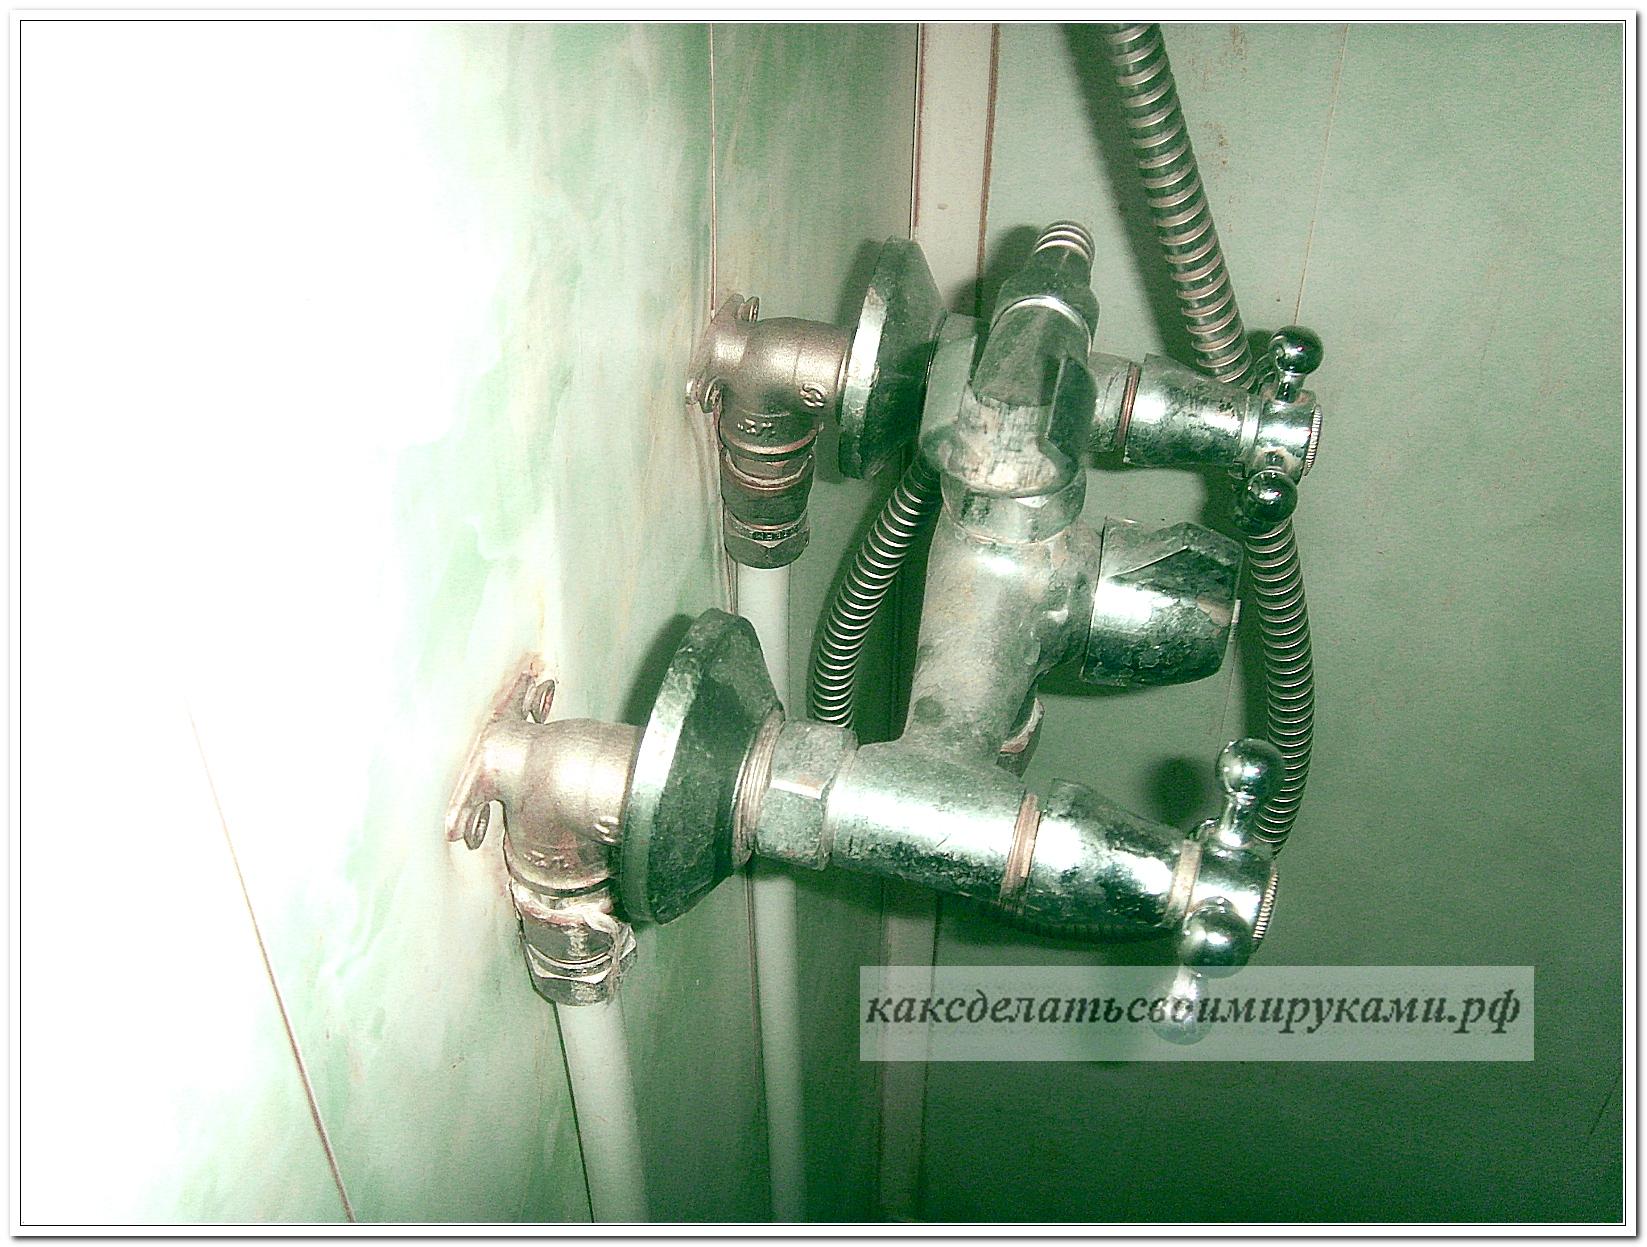 Как сделать подводку к смесителю в ванной через стену